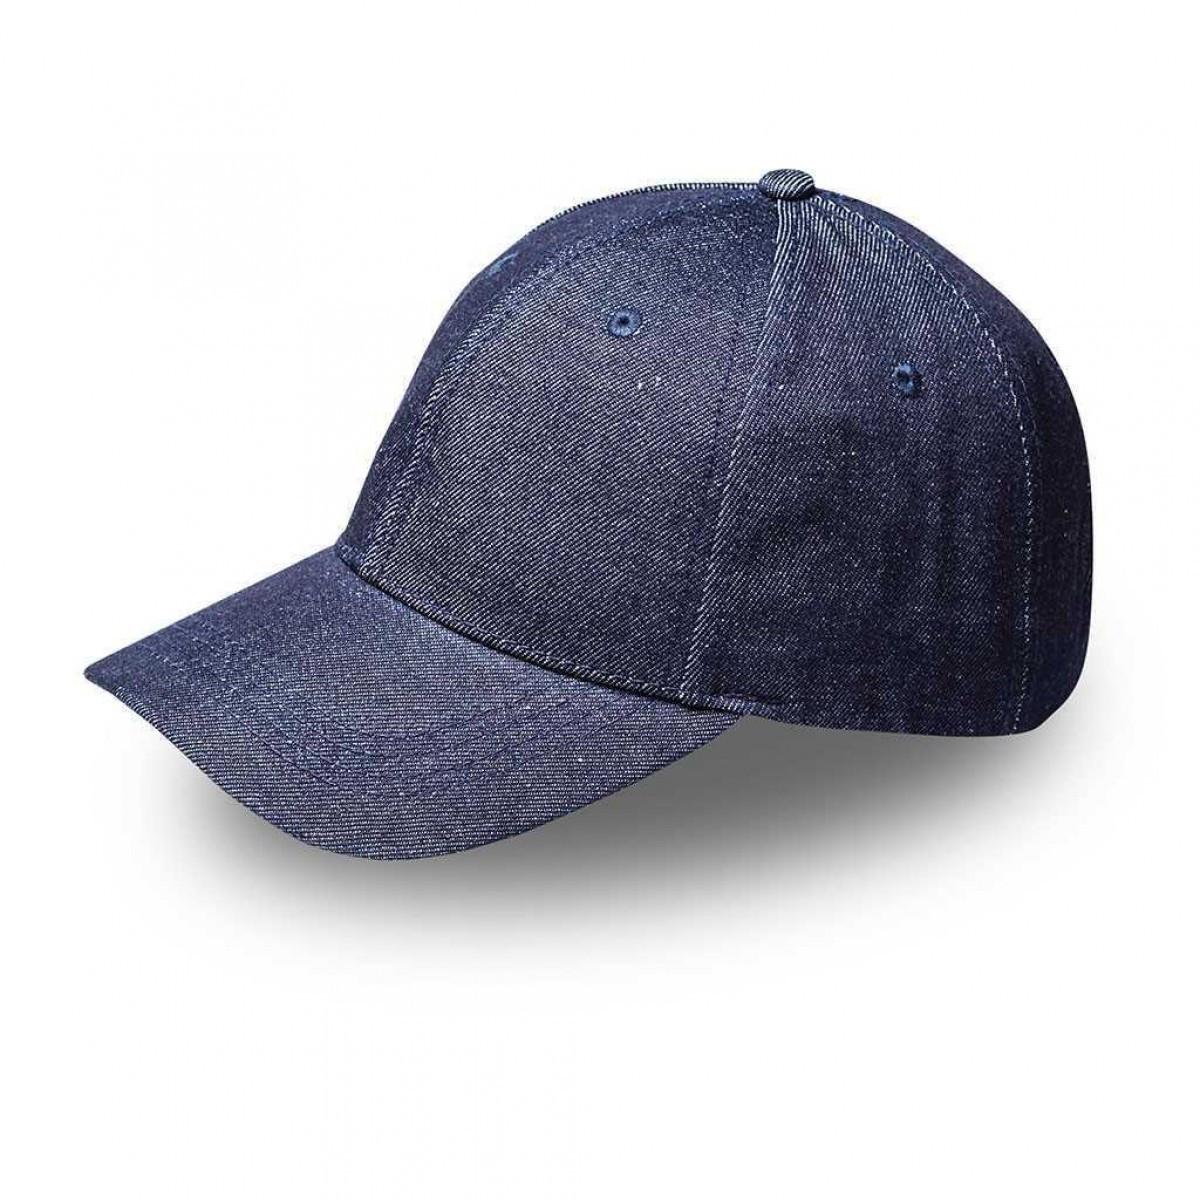 Fashion Denim Cap - HEADWEAR ONLINE I CAPS I HATS I U-FLEX CAPS I ... d4b634783ba